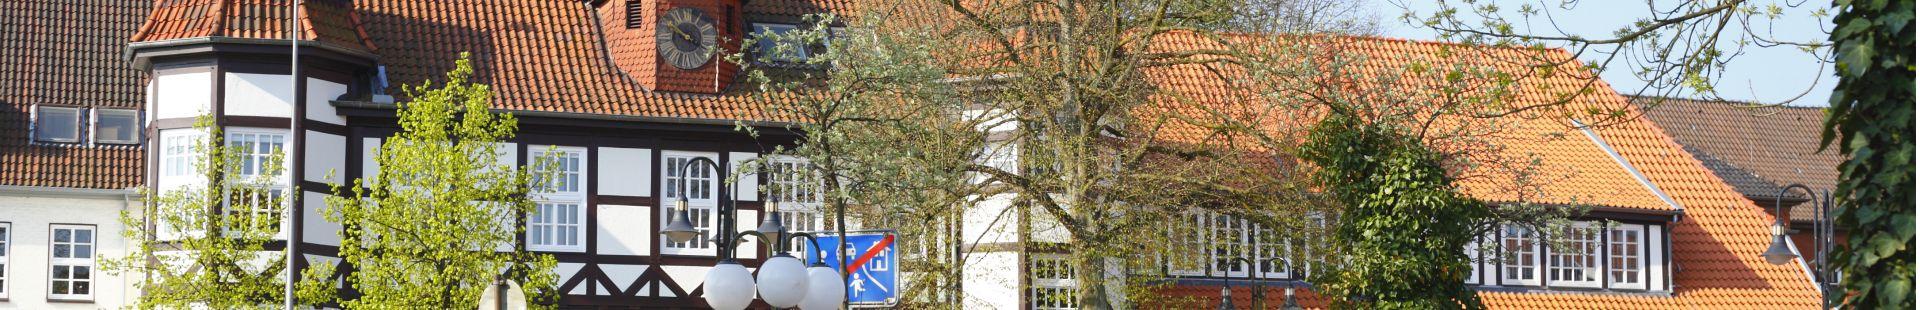 Kreishaus in Syke (Eingang im Bereich Fußgängerzone)